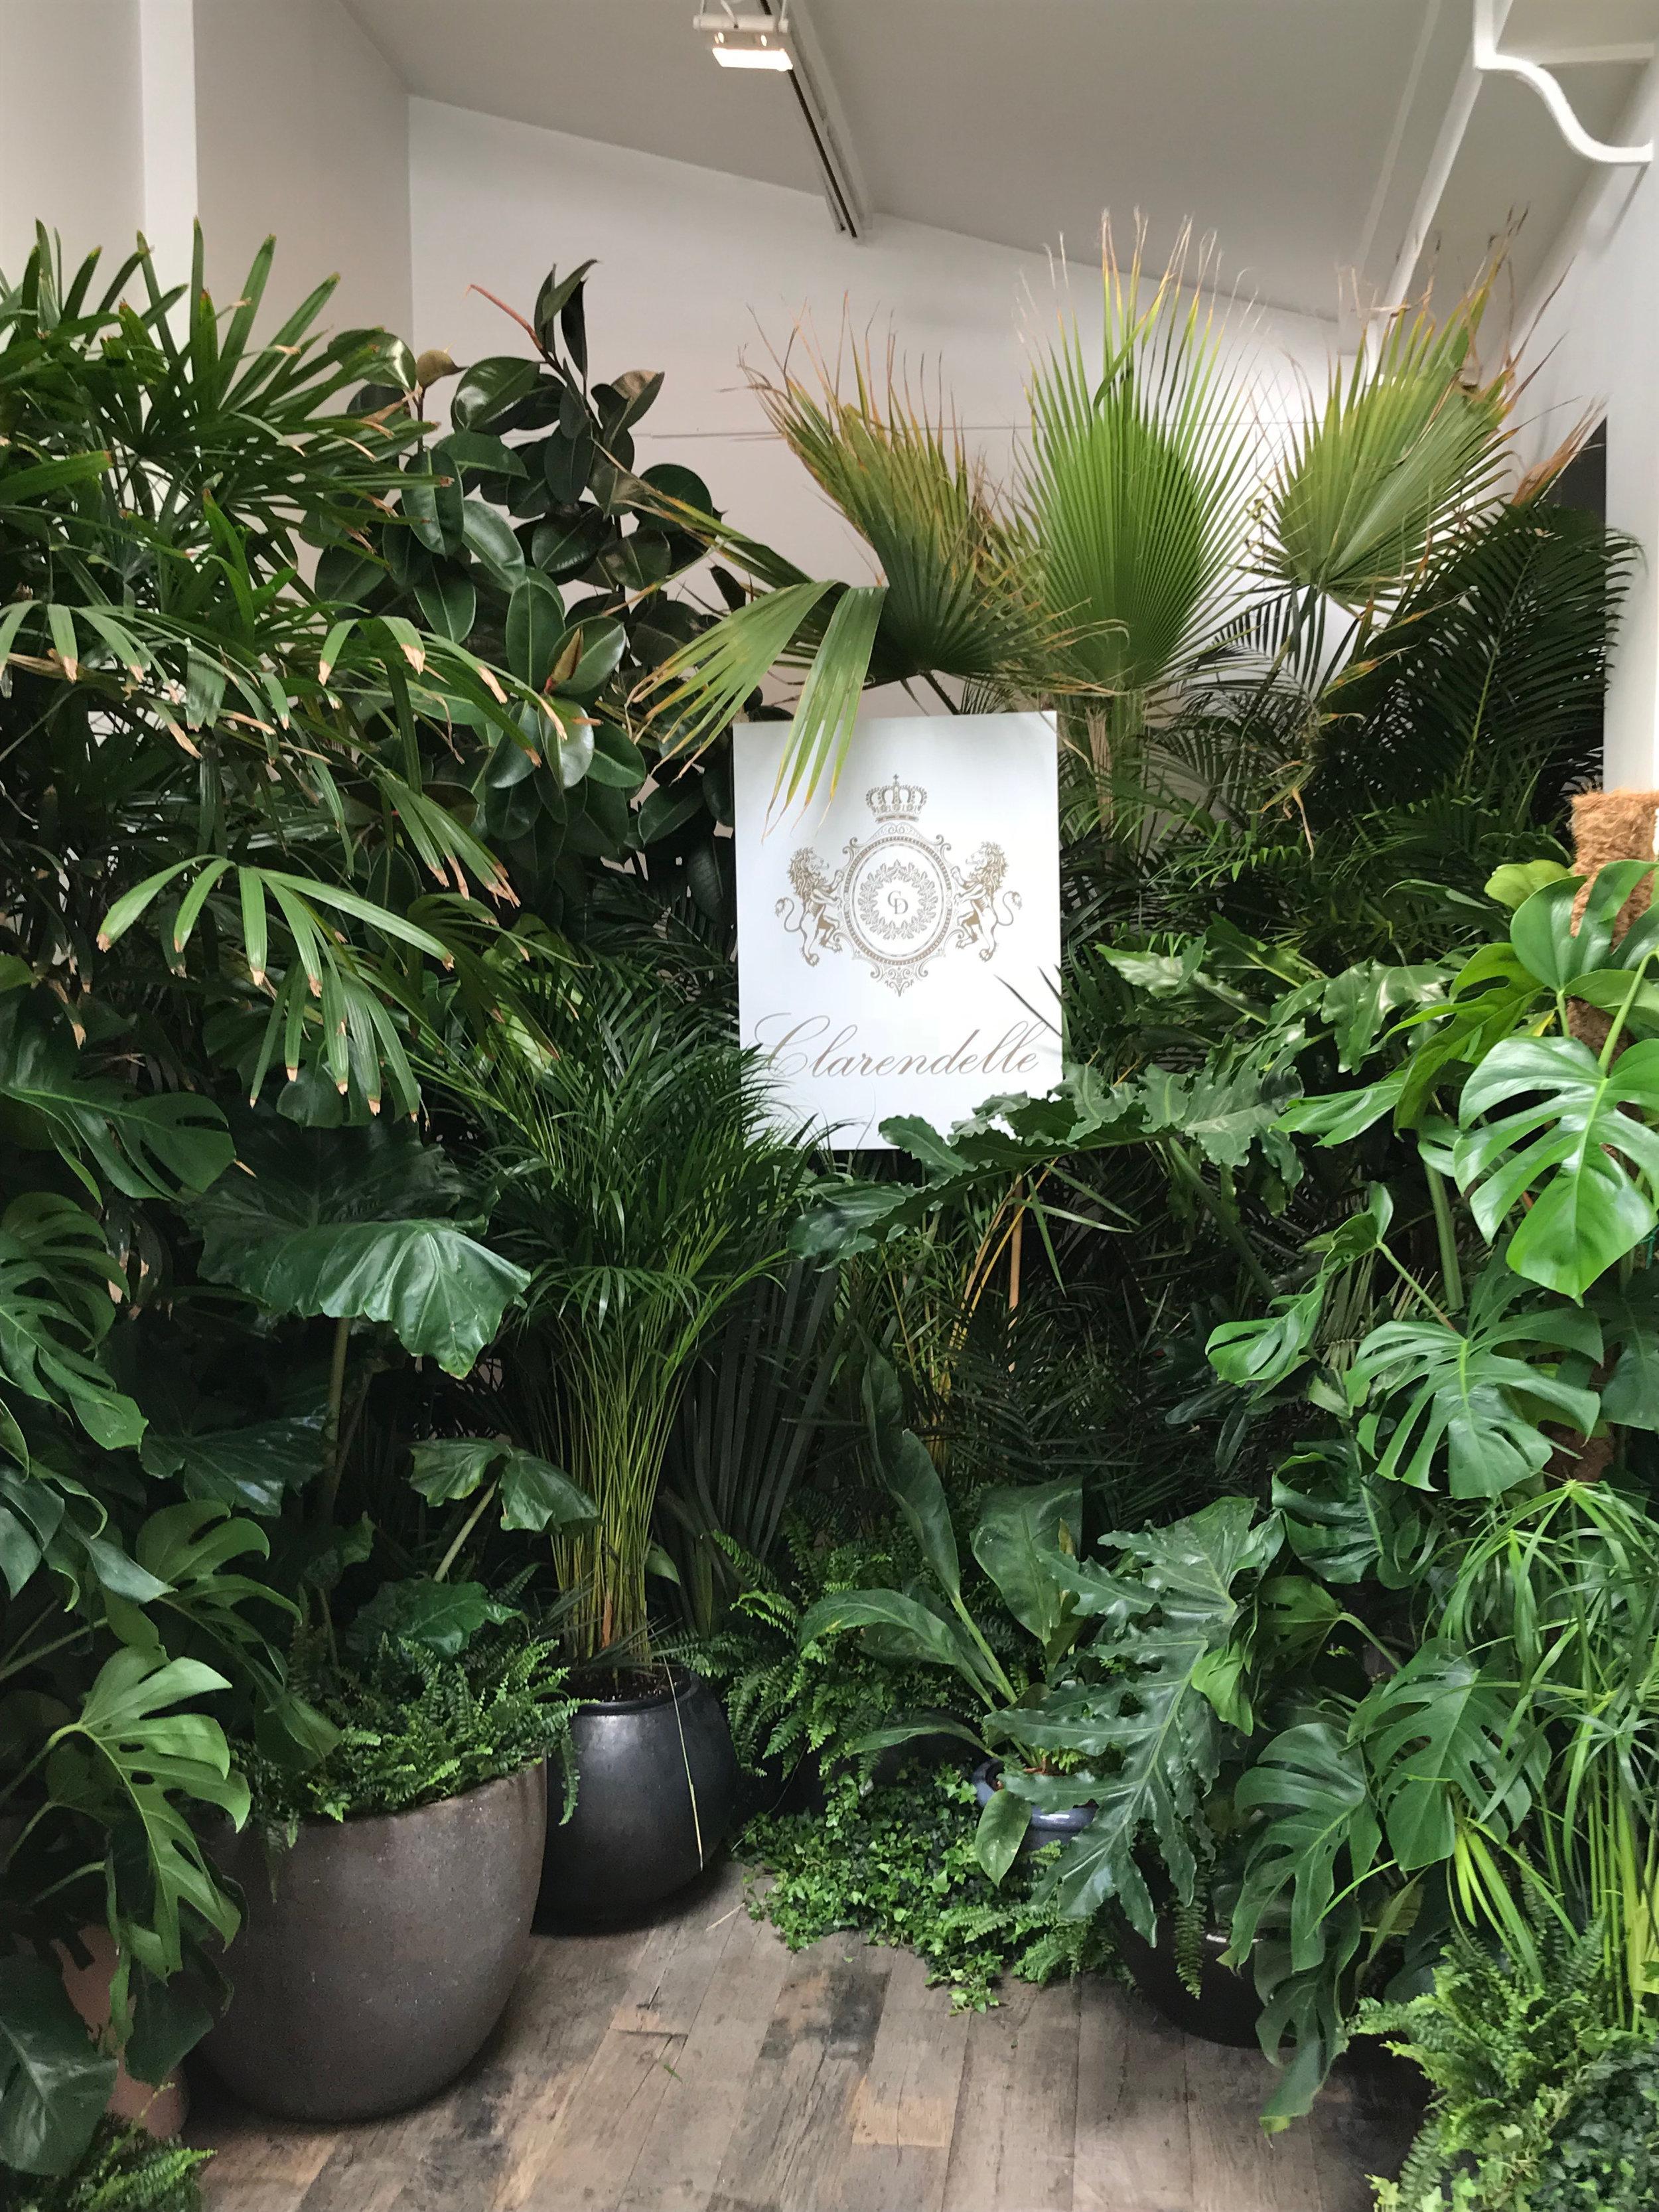 Soirée Clarendelle / Atelier 13 Sévigné, Paris   L'espace de l'Atelier 13 Sévigné a été entièrement transformé le temps d'une soirée en une oasis végétale pour offrir aux invités de la marque un paradis vert de plaisir et de divertissement.